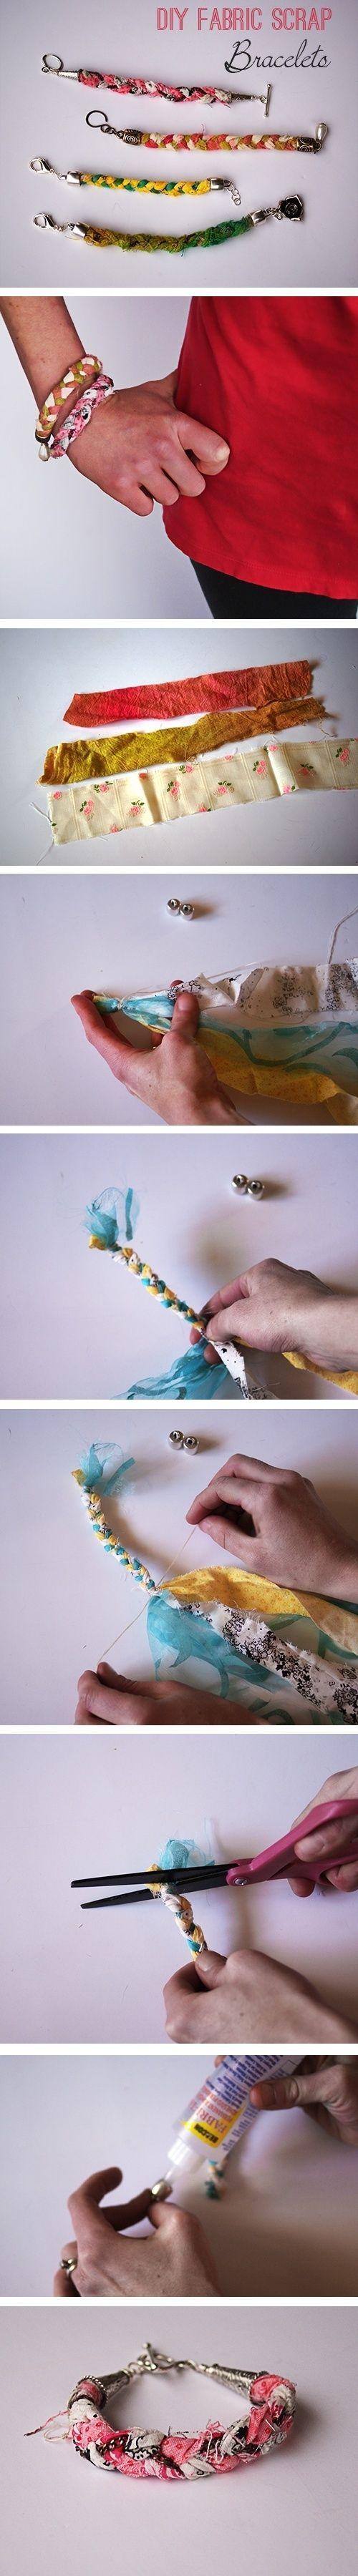 DIY fabric scrap bracelet diy crafts craft ideas easy crafts diy ideas crafty easy diy diy jewelry diy bracelet craft bracelet jewelry diy